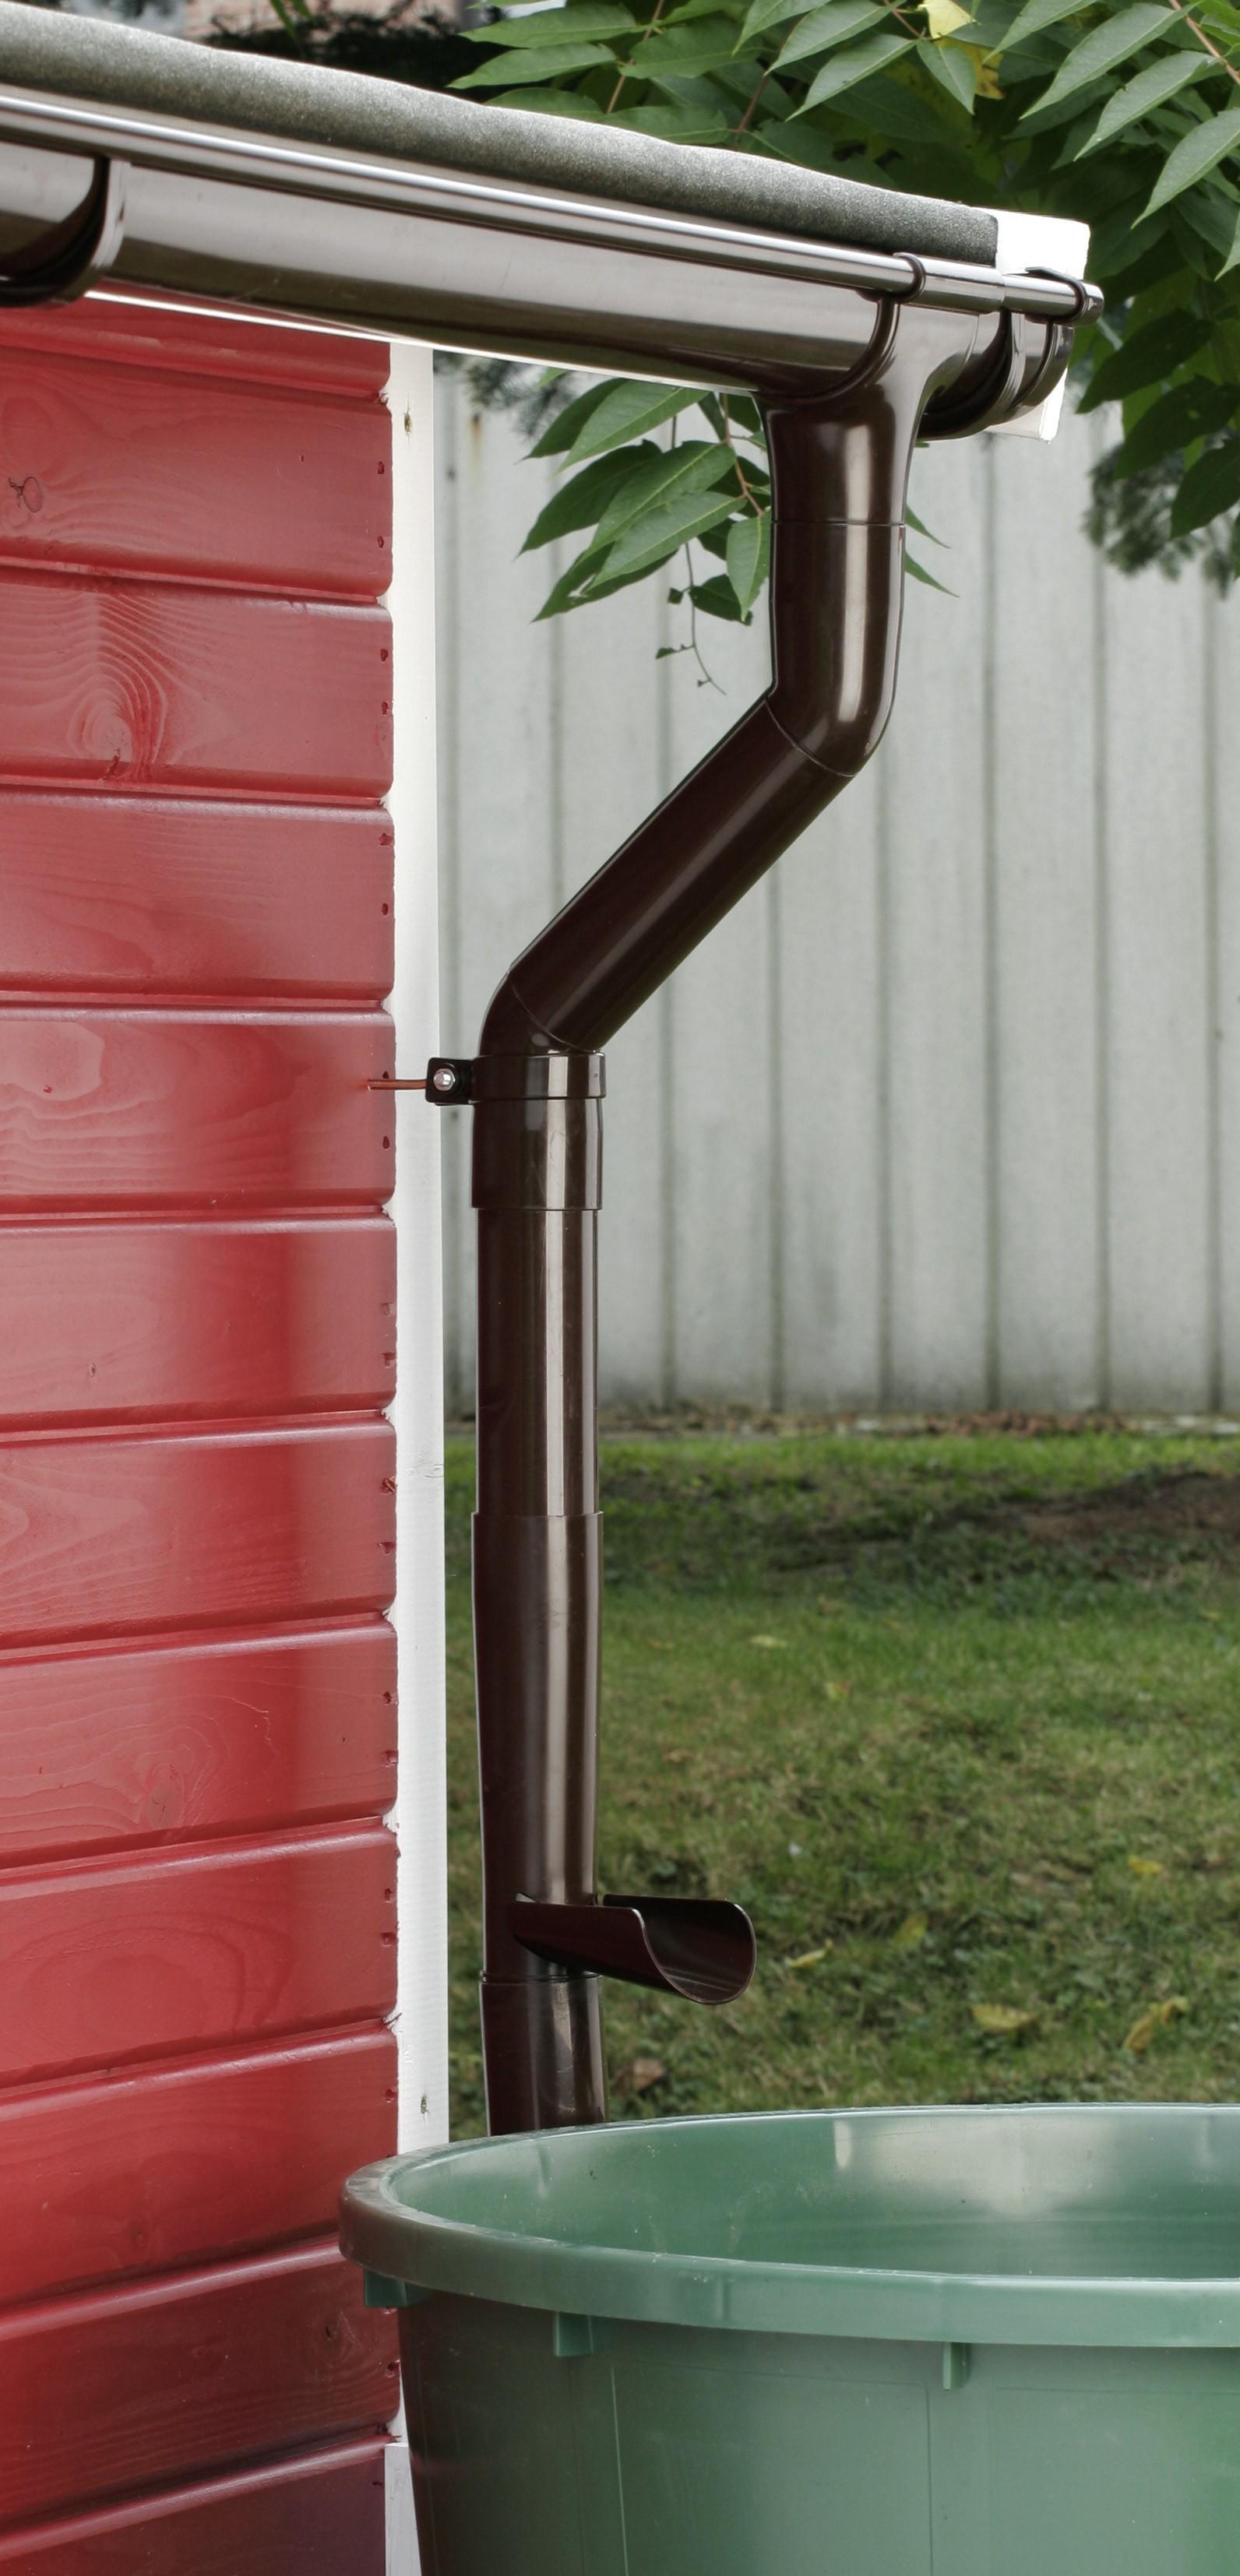 Wasserablauf grau DN 53 Bild 2